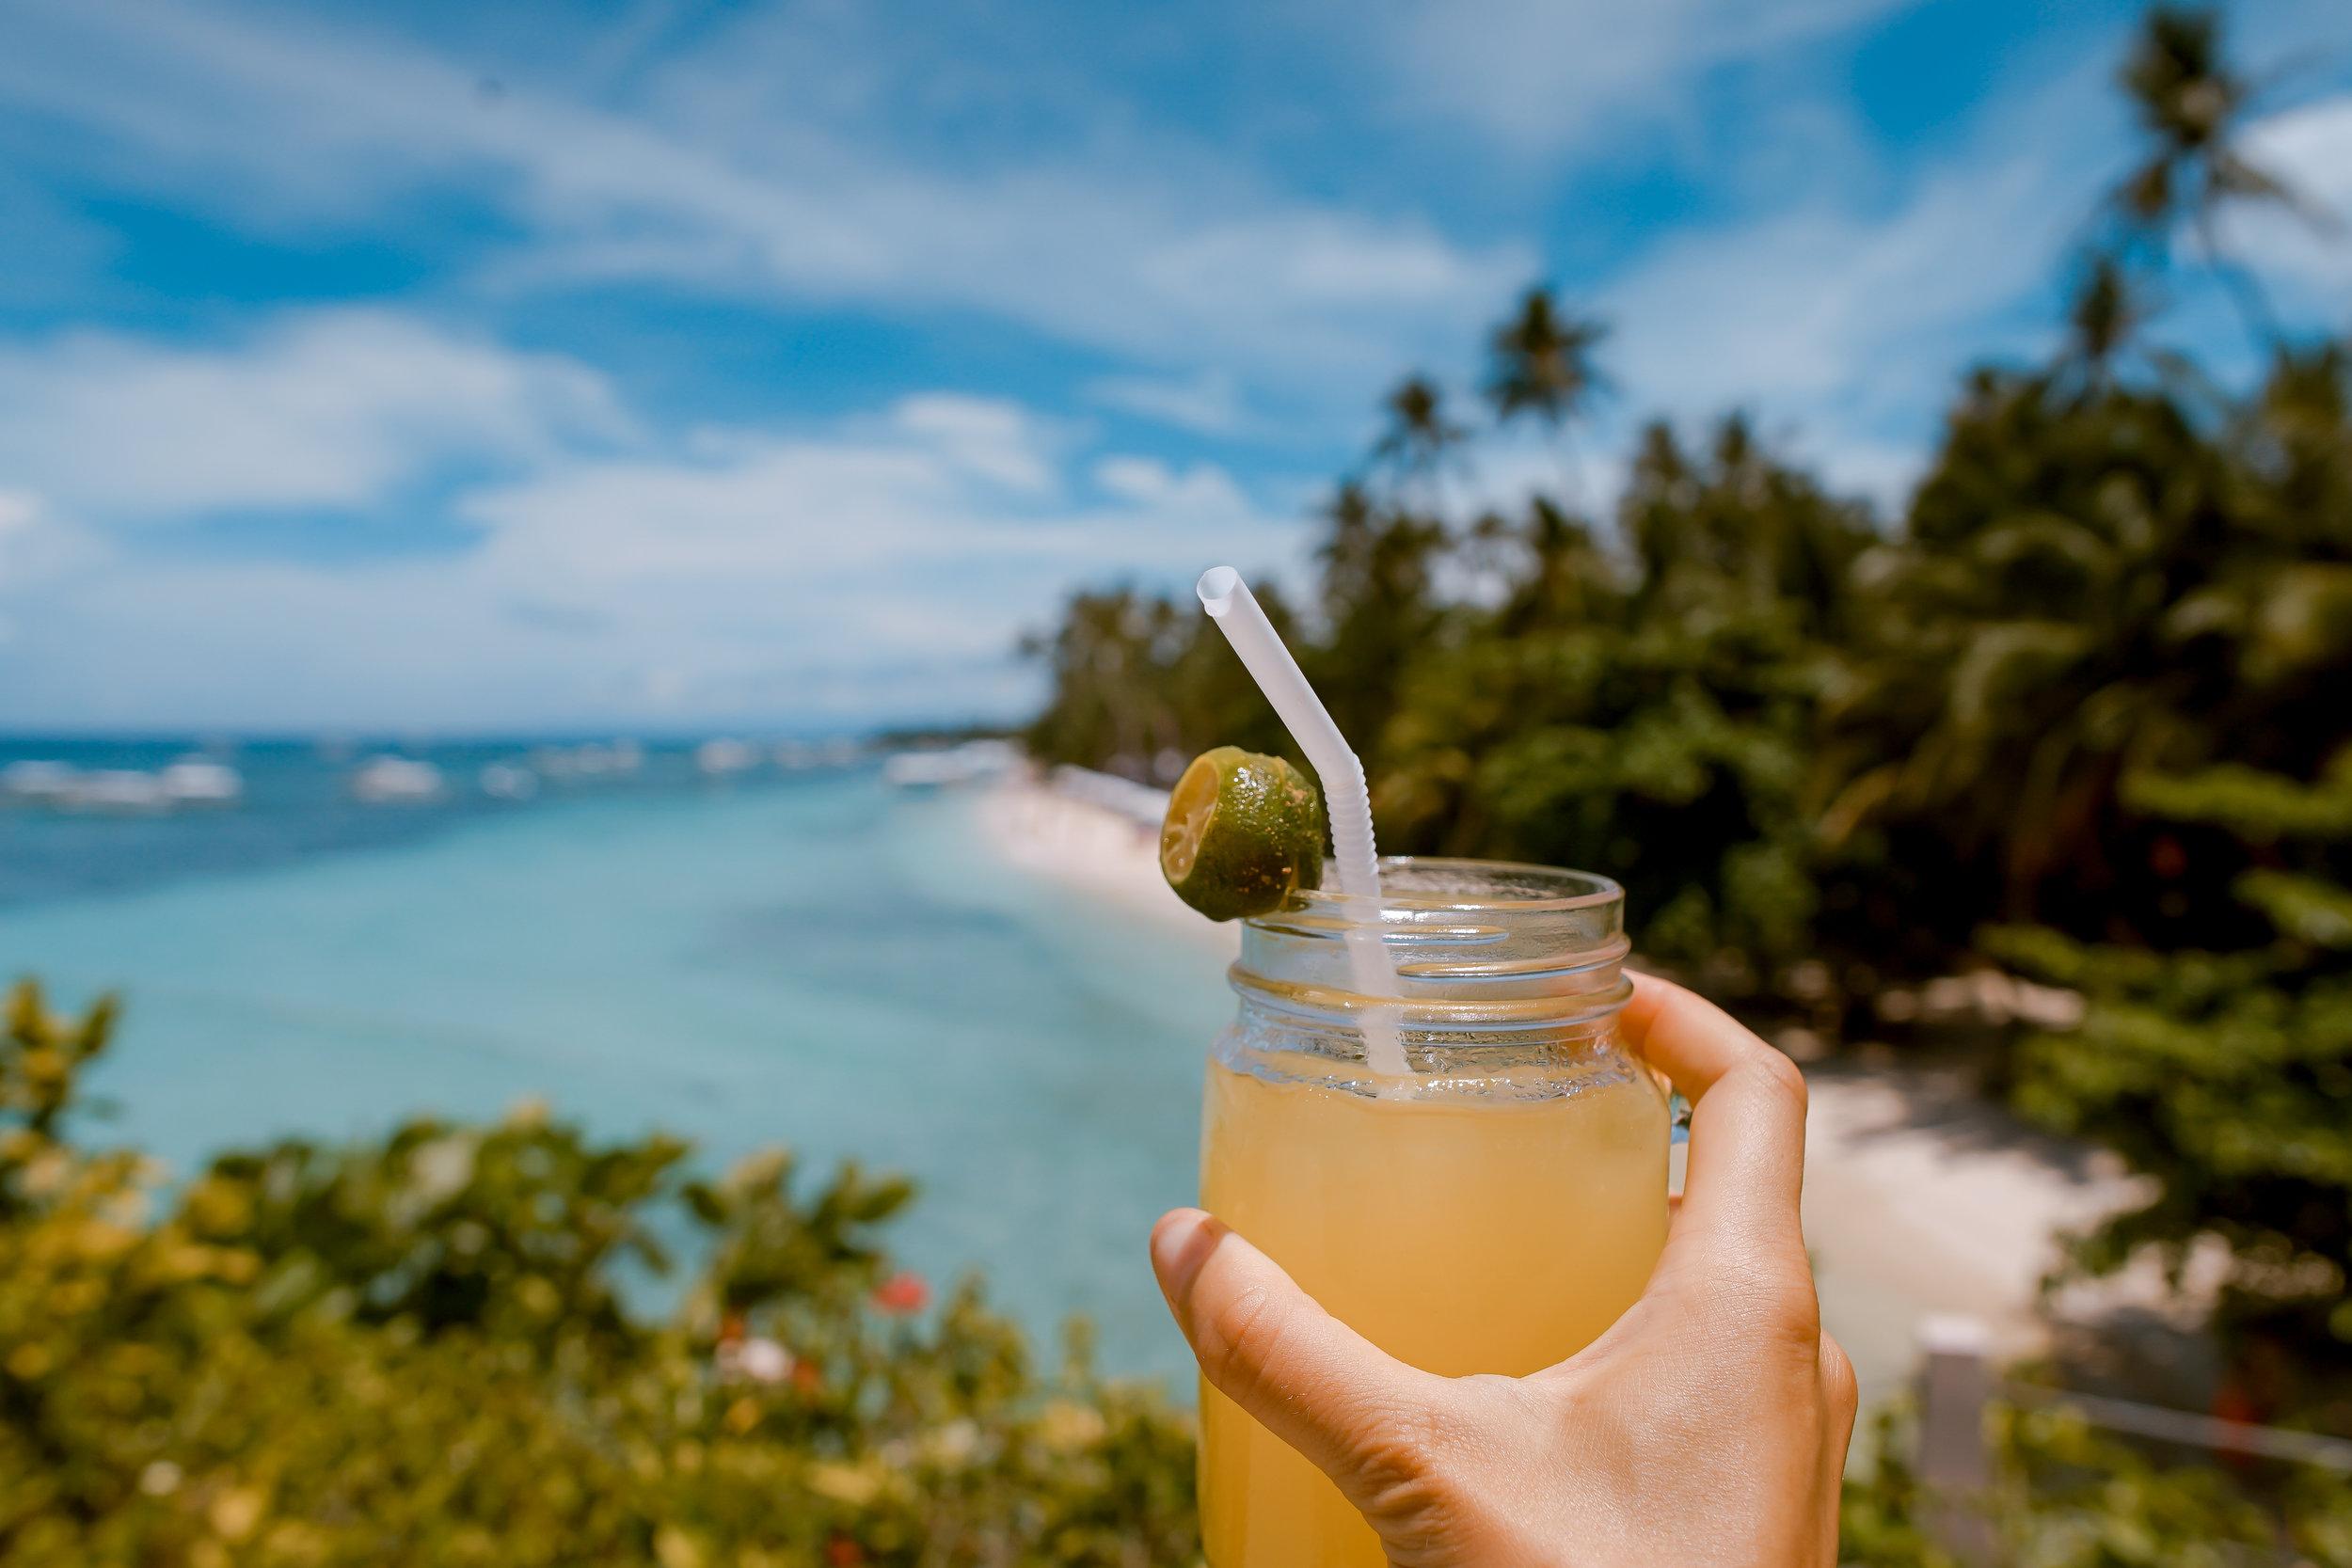 Chillen op de Antillen - Volledig 'zen' van uw cocktail nippen aan het zwembad, of een hele nacht feesten? Of beide? Curaçao bruist bij zon-én maanlicht.